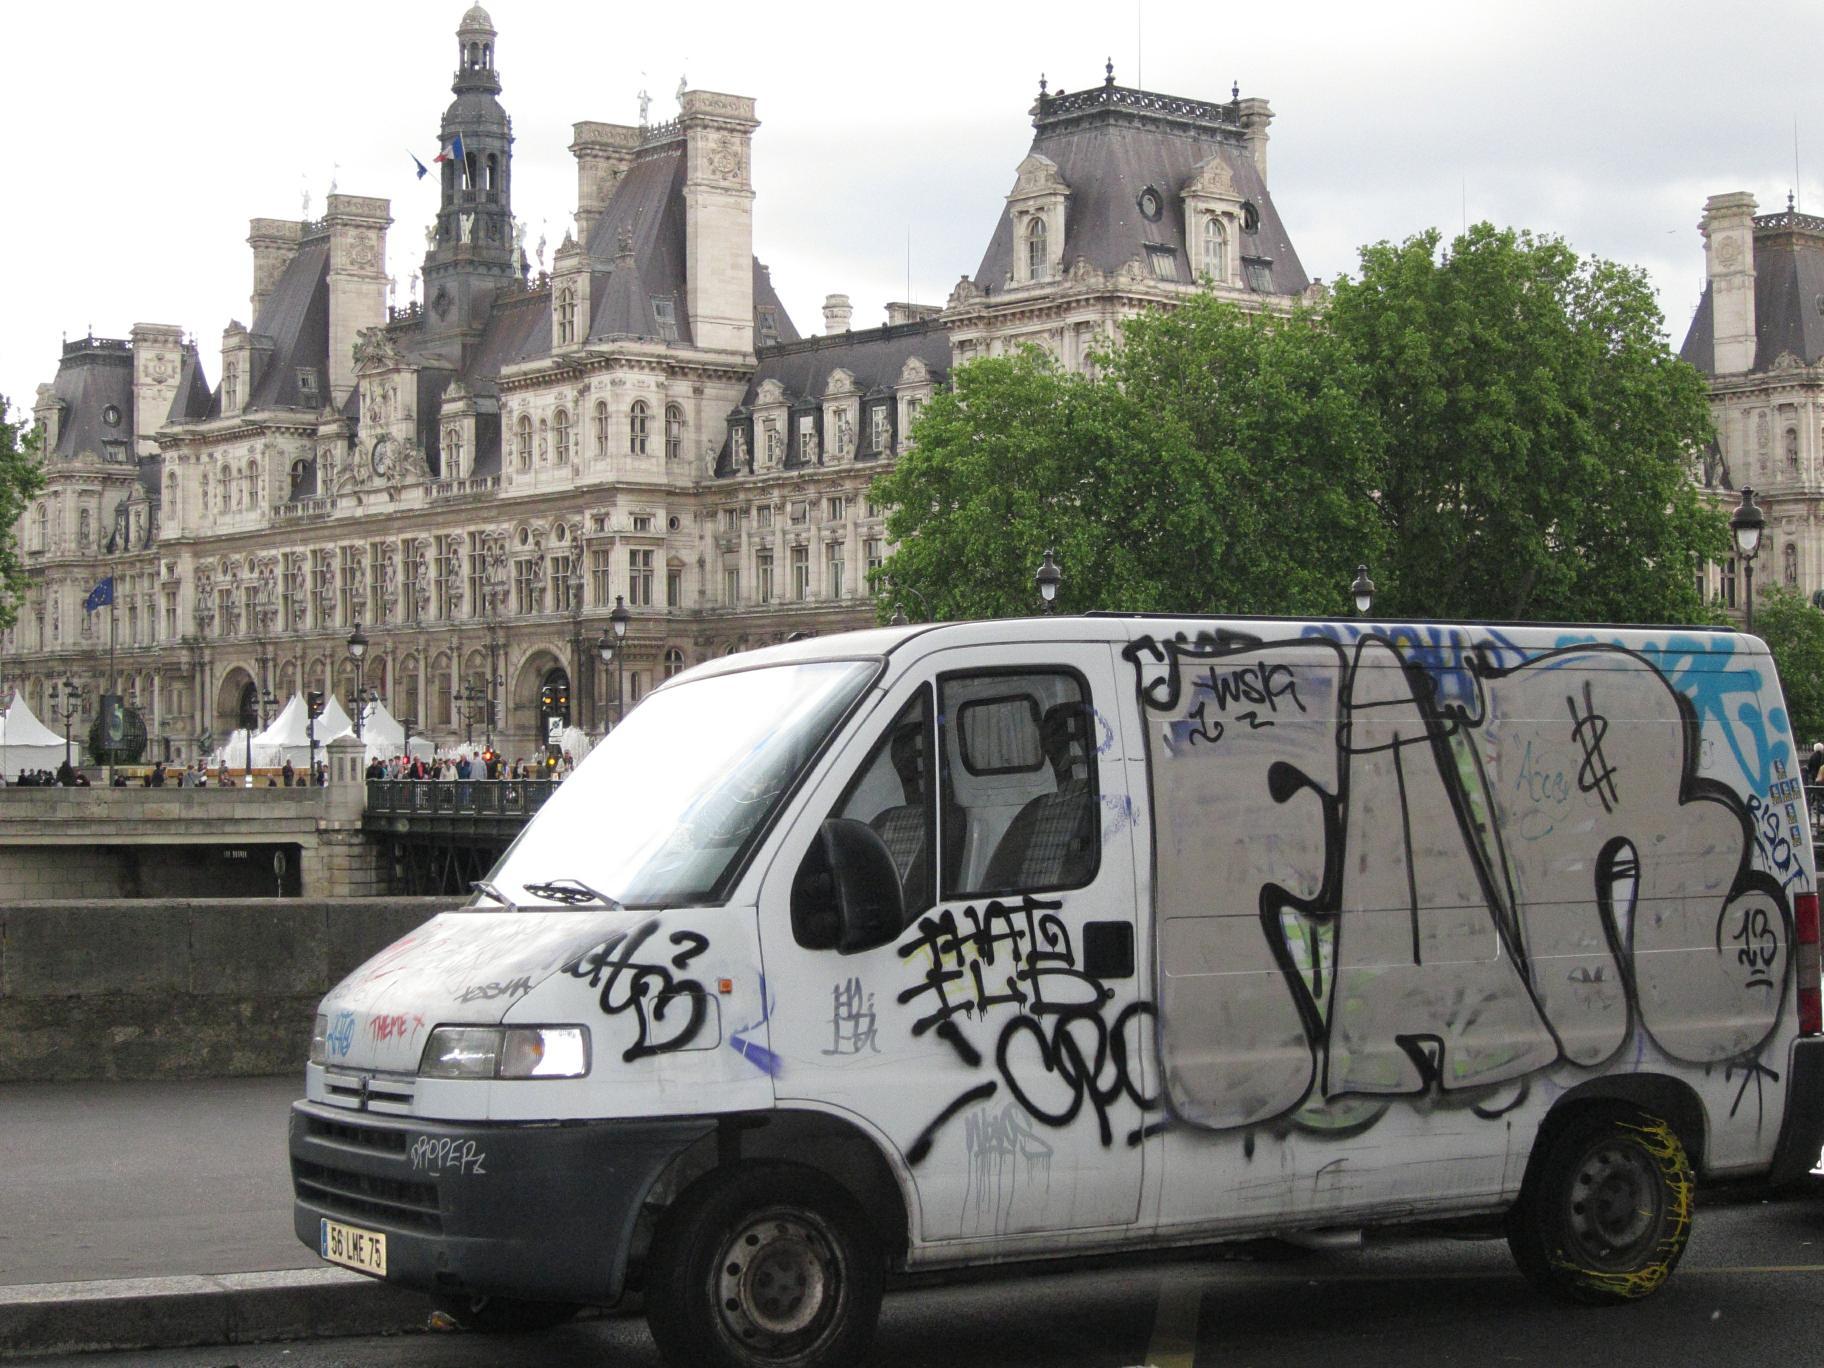 Hôtel de Ville and a ghetto truck.